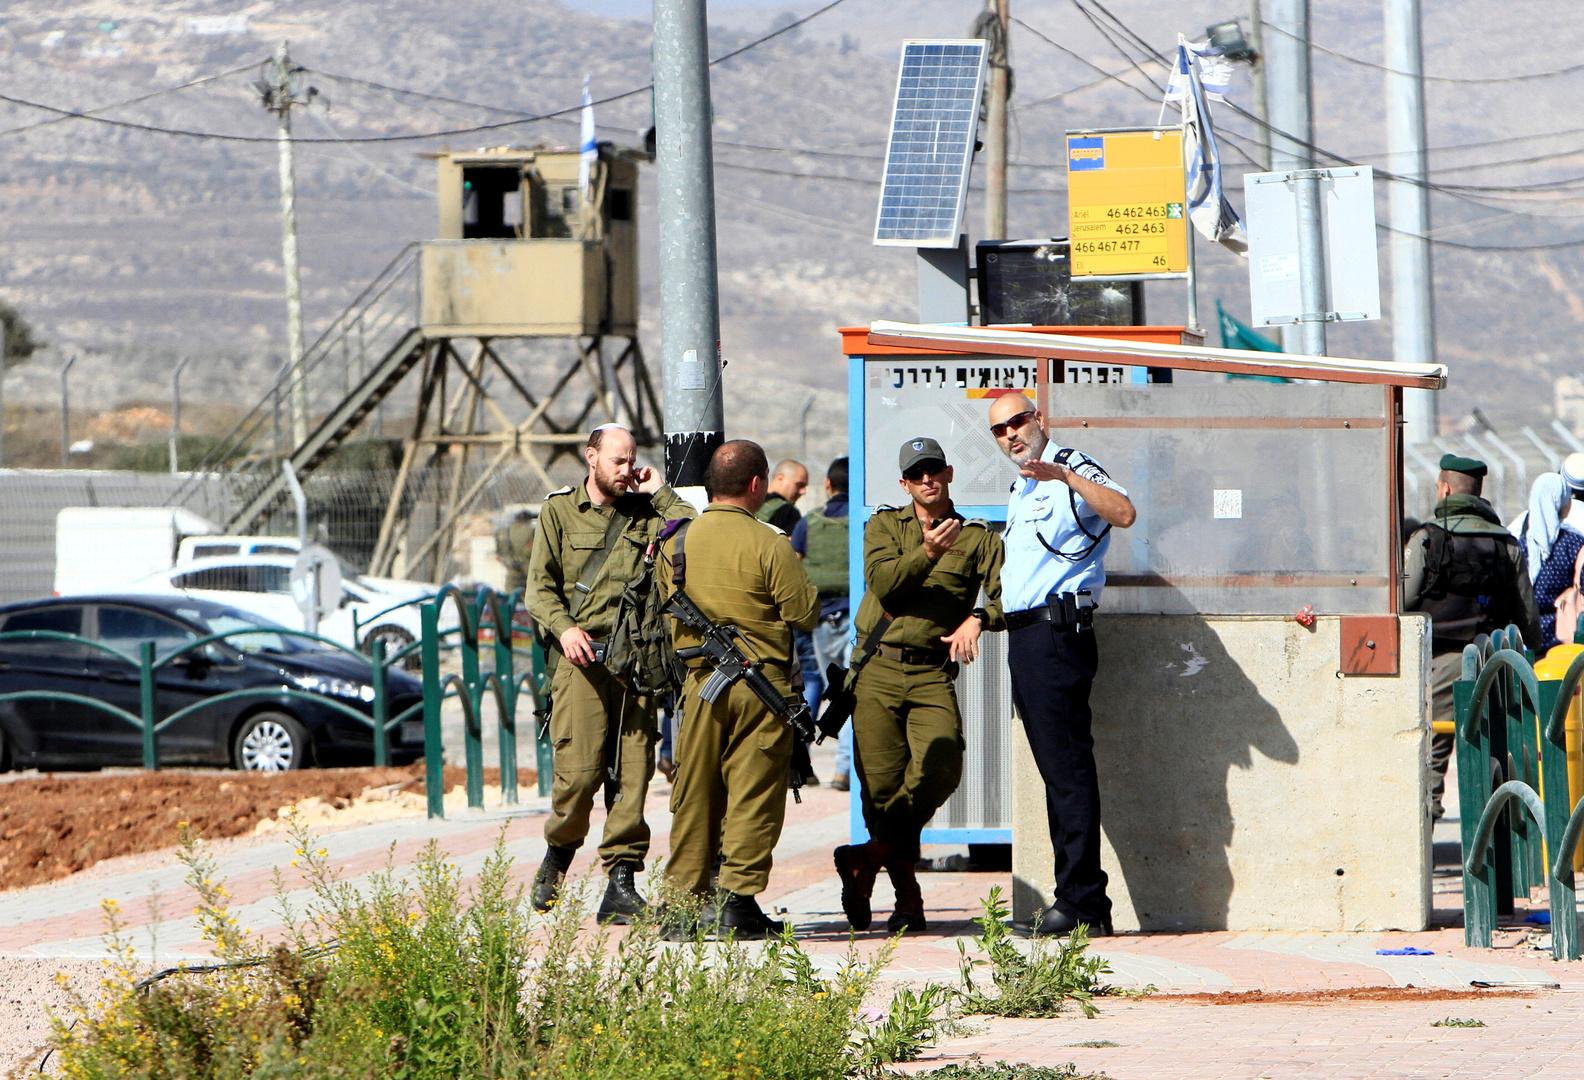 الجيش الإسرائيلي: تحييد فلسطيني حاول تنفيذ عملية دهس جنود على حاجز في نابلس